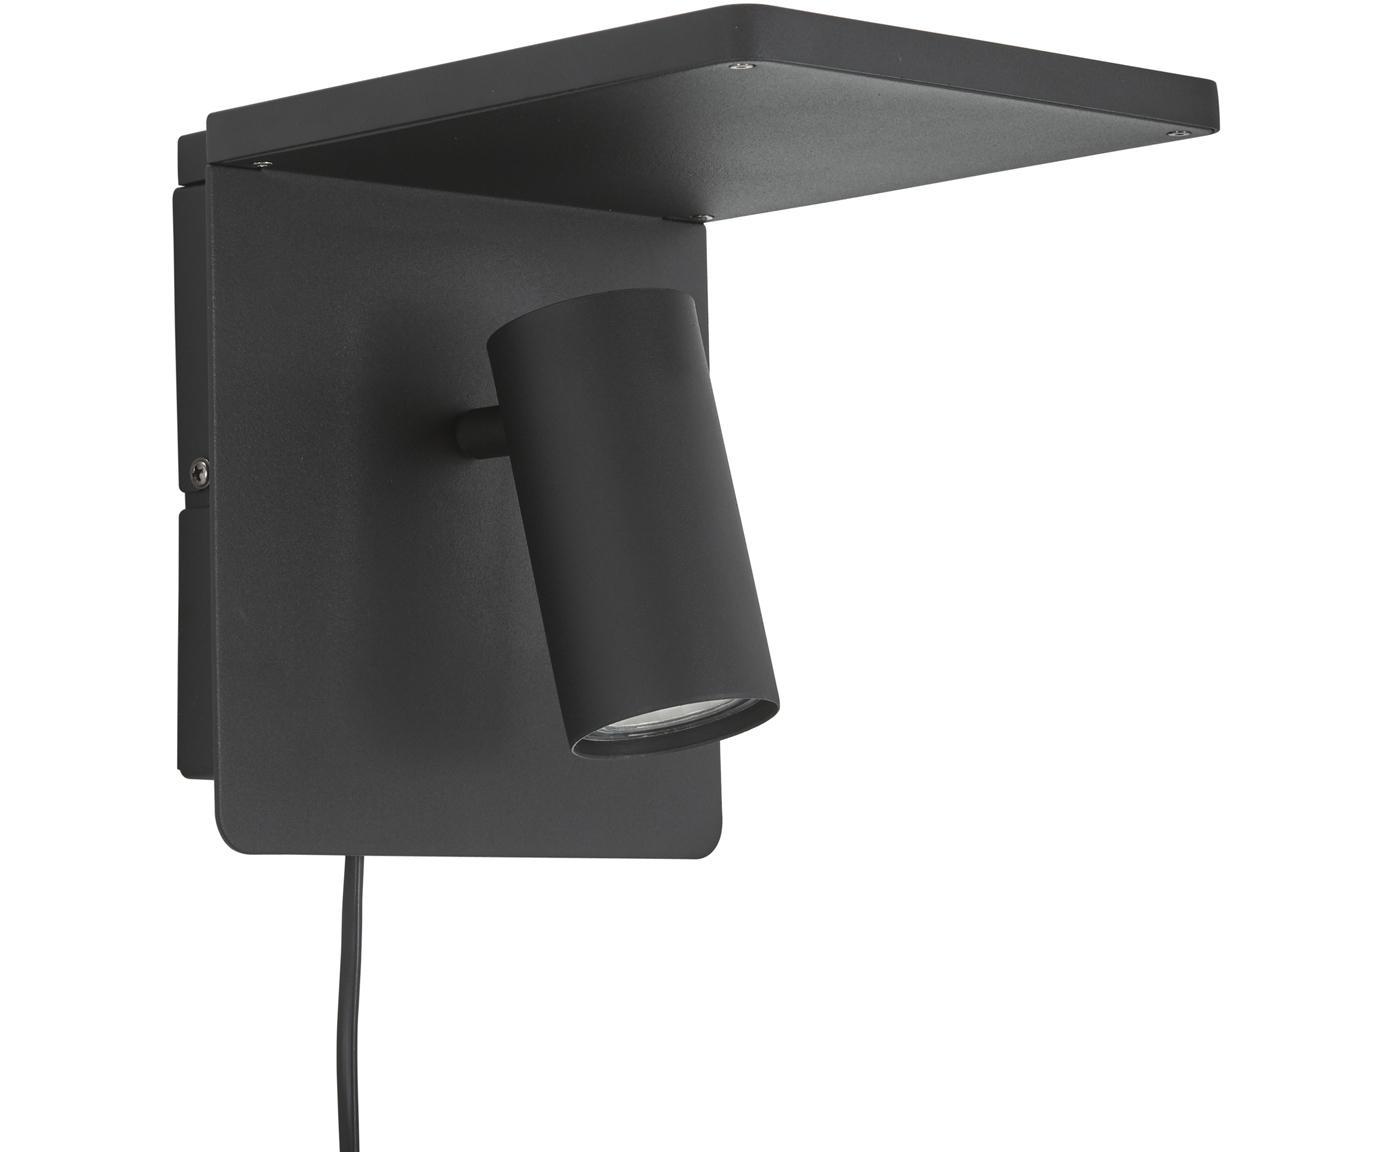 Wandleuchte Chandler mit Ladefunktion, Lampenschirm: Metall, pulverbeschichtet, Schwarz, 19 x 21 cm